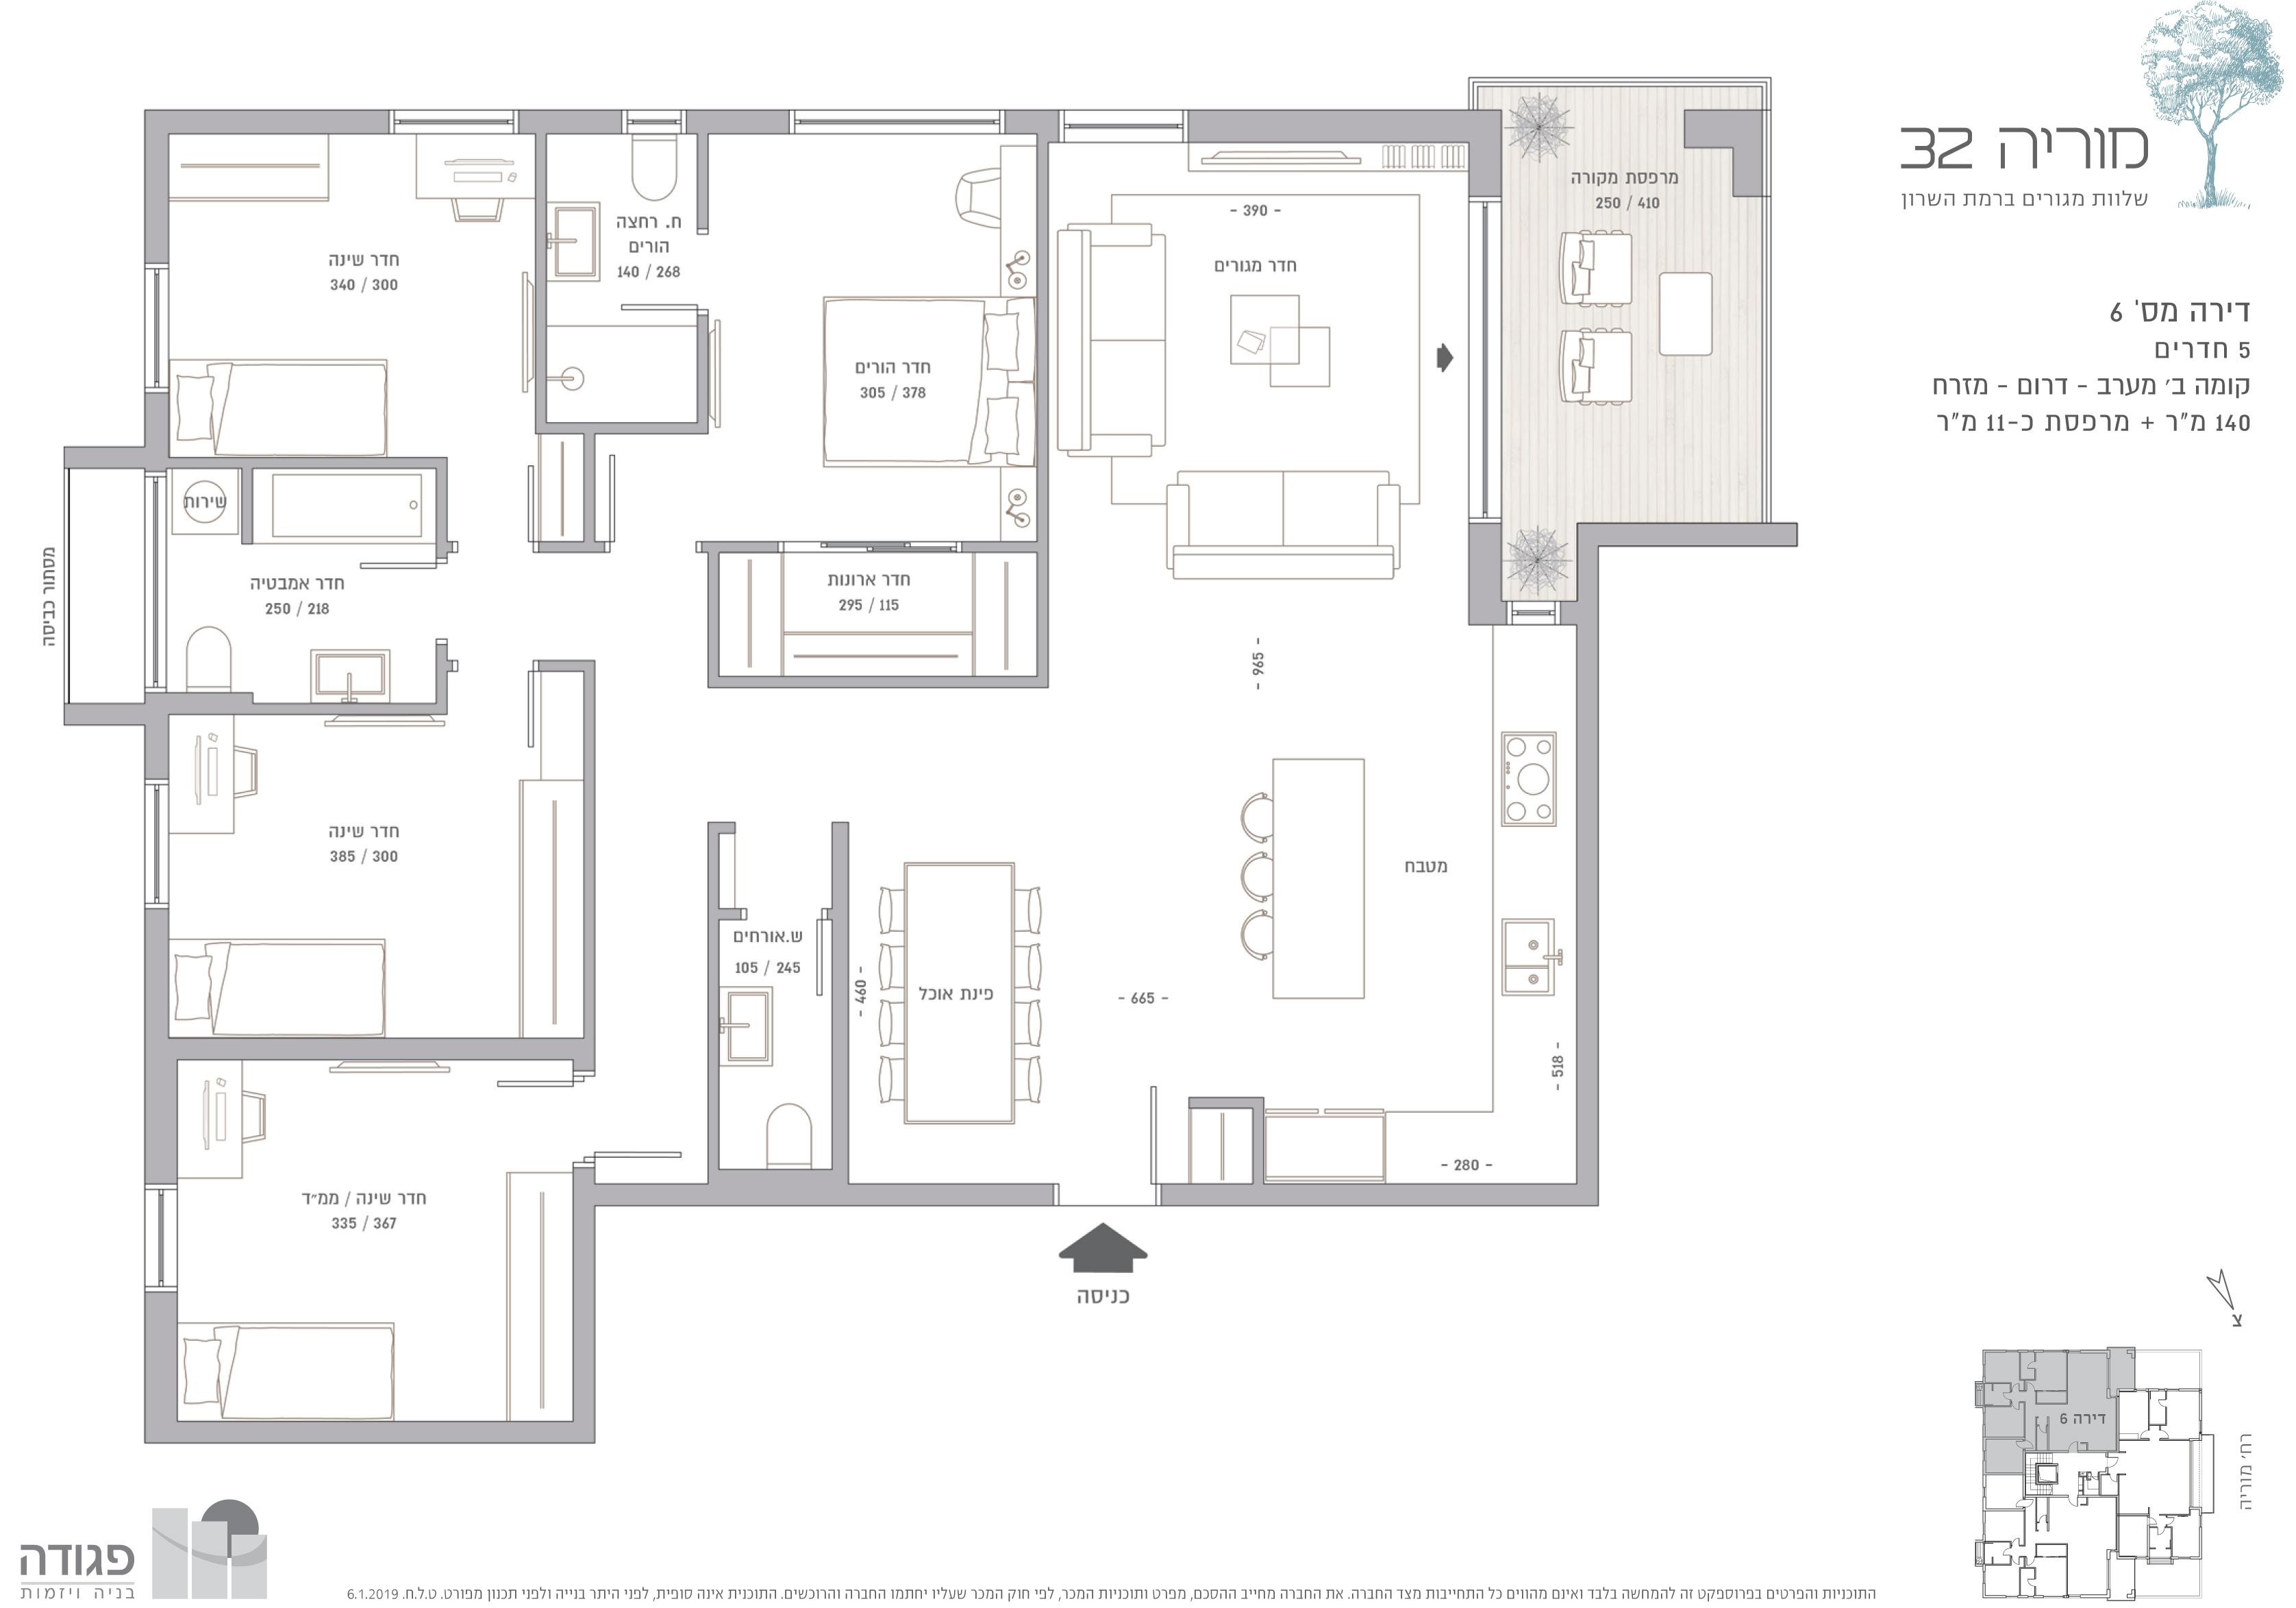 דירת 5 חדרים קומה ב' מזרח - דרום - מערב